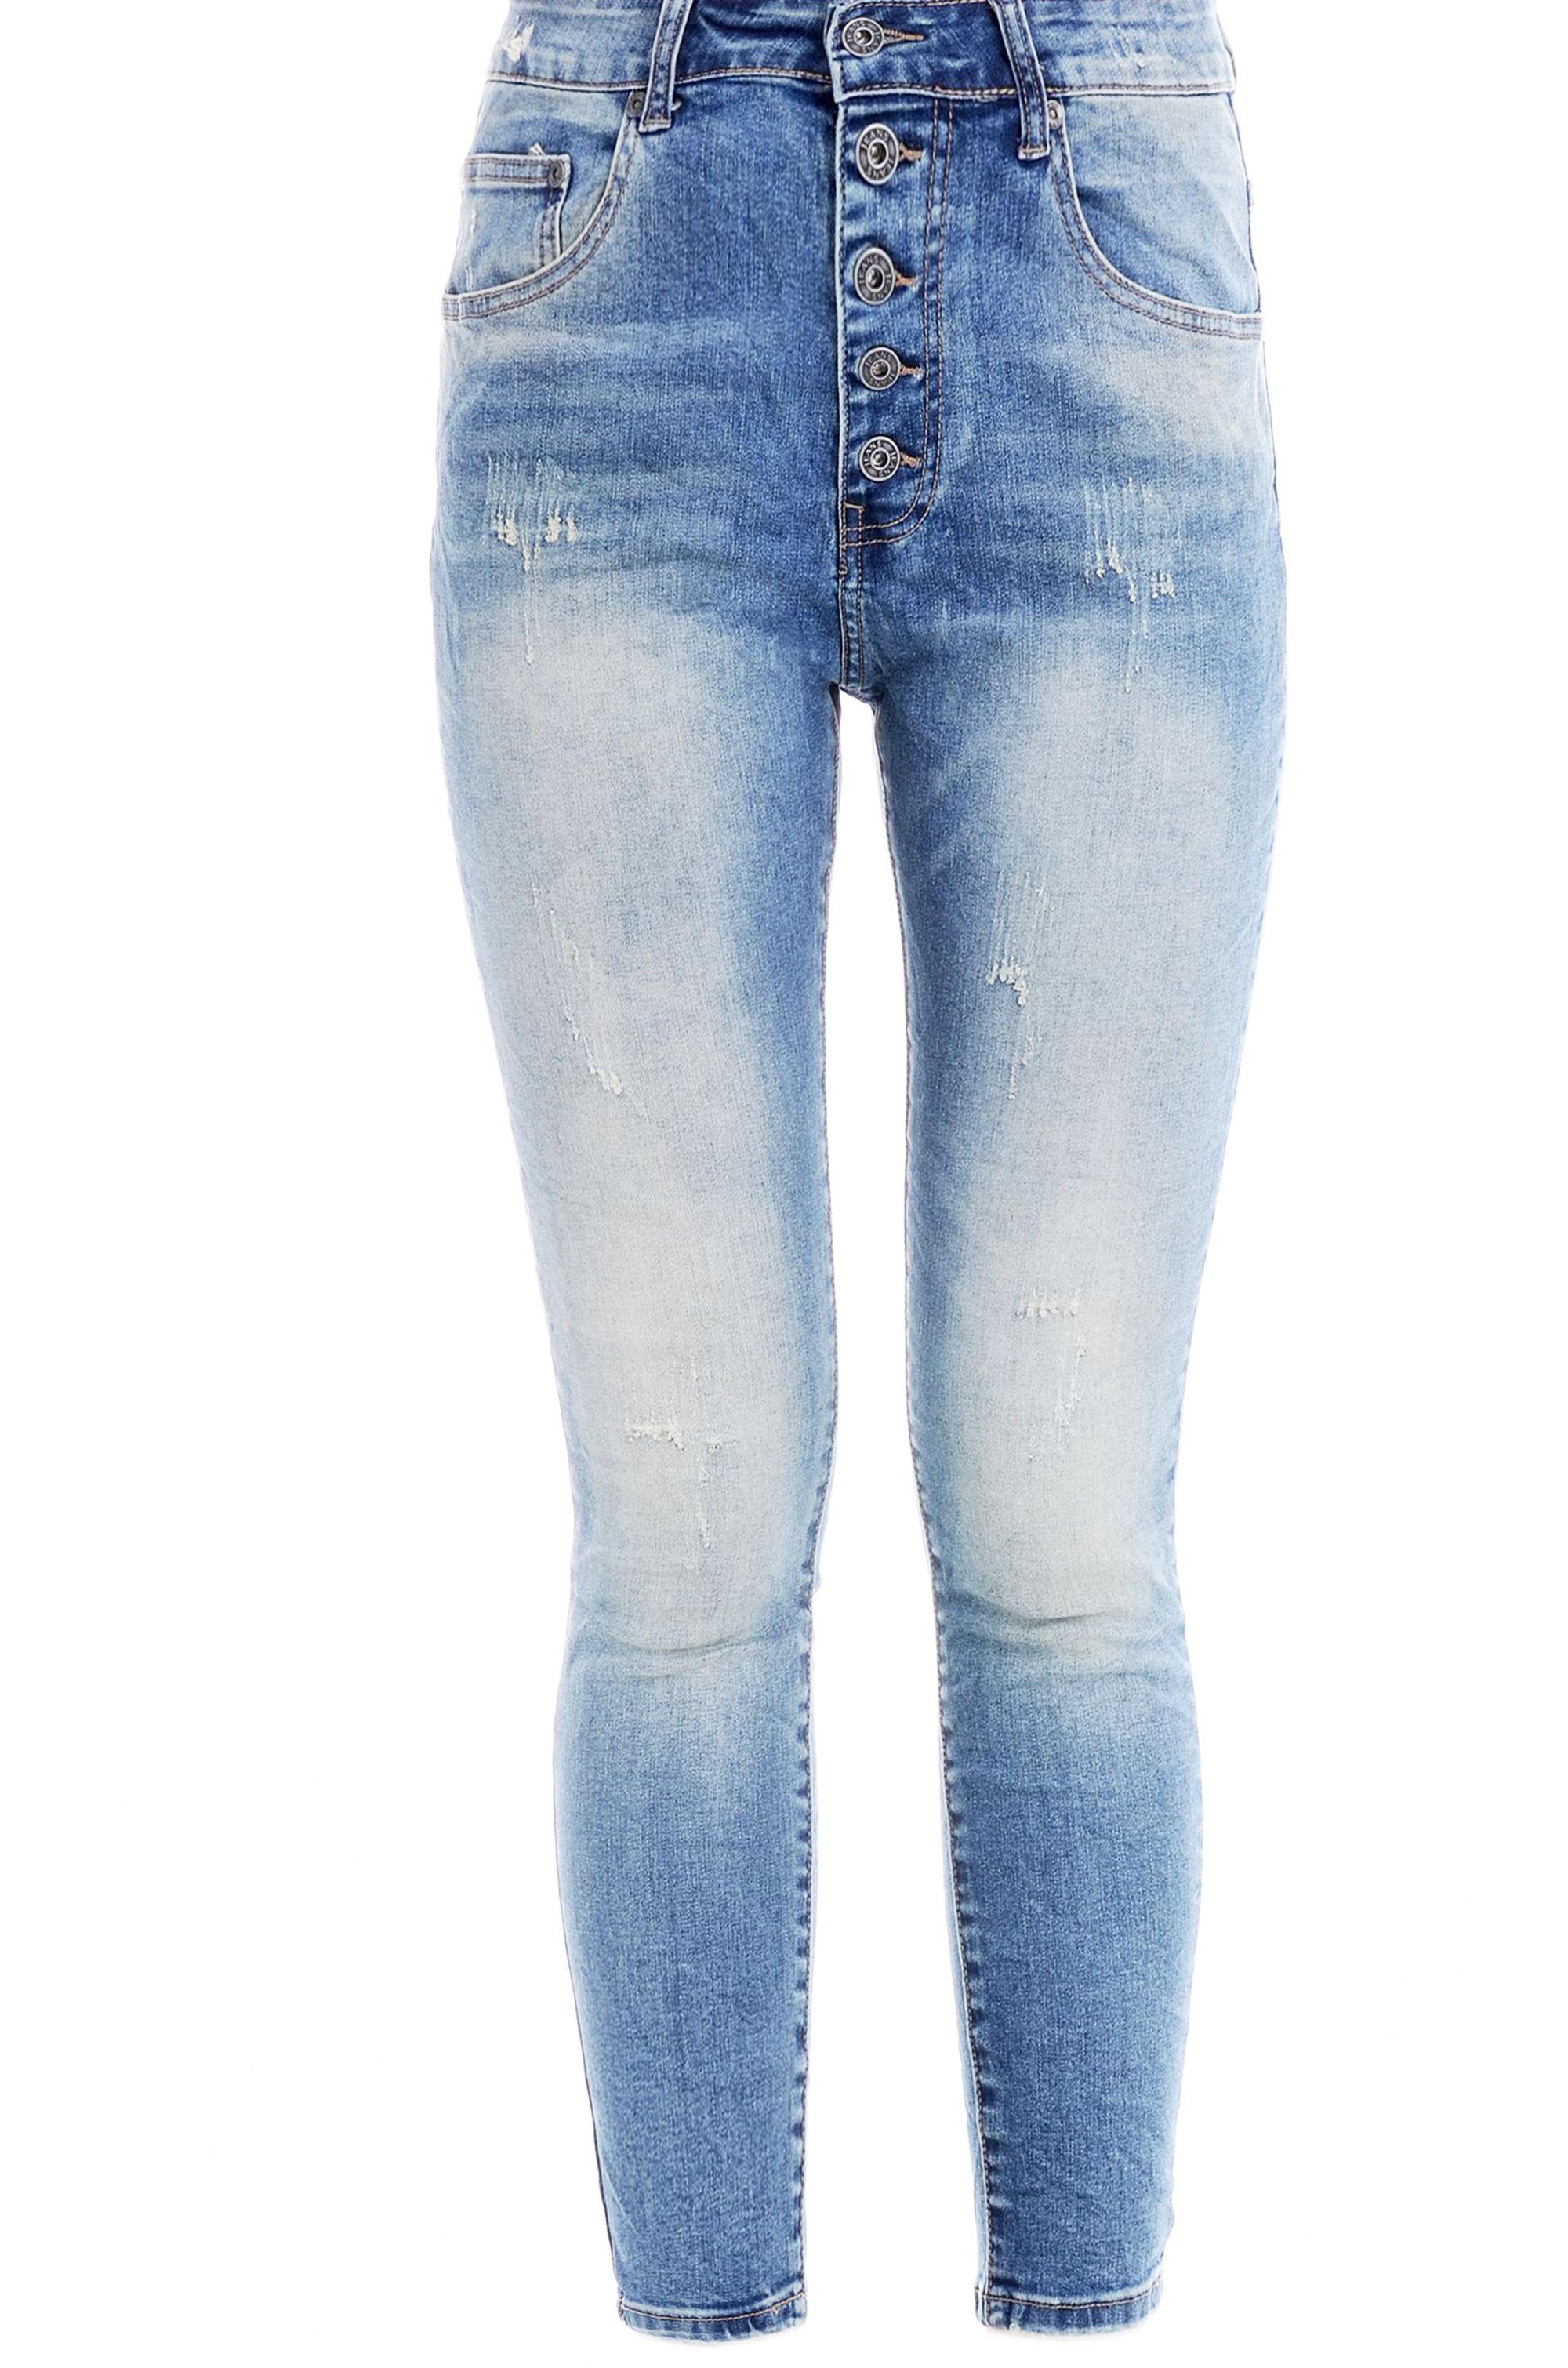 Spodnie - 95-330B JEANS - Unisono